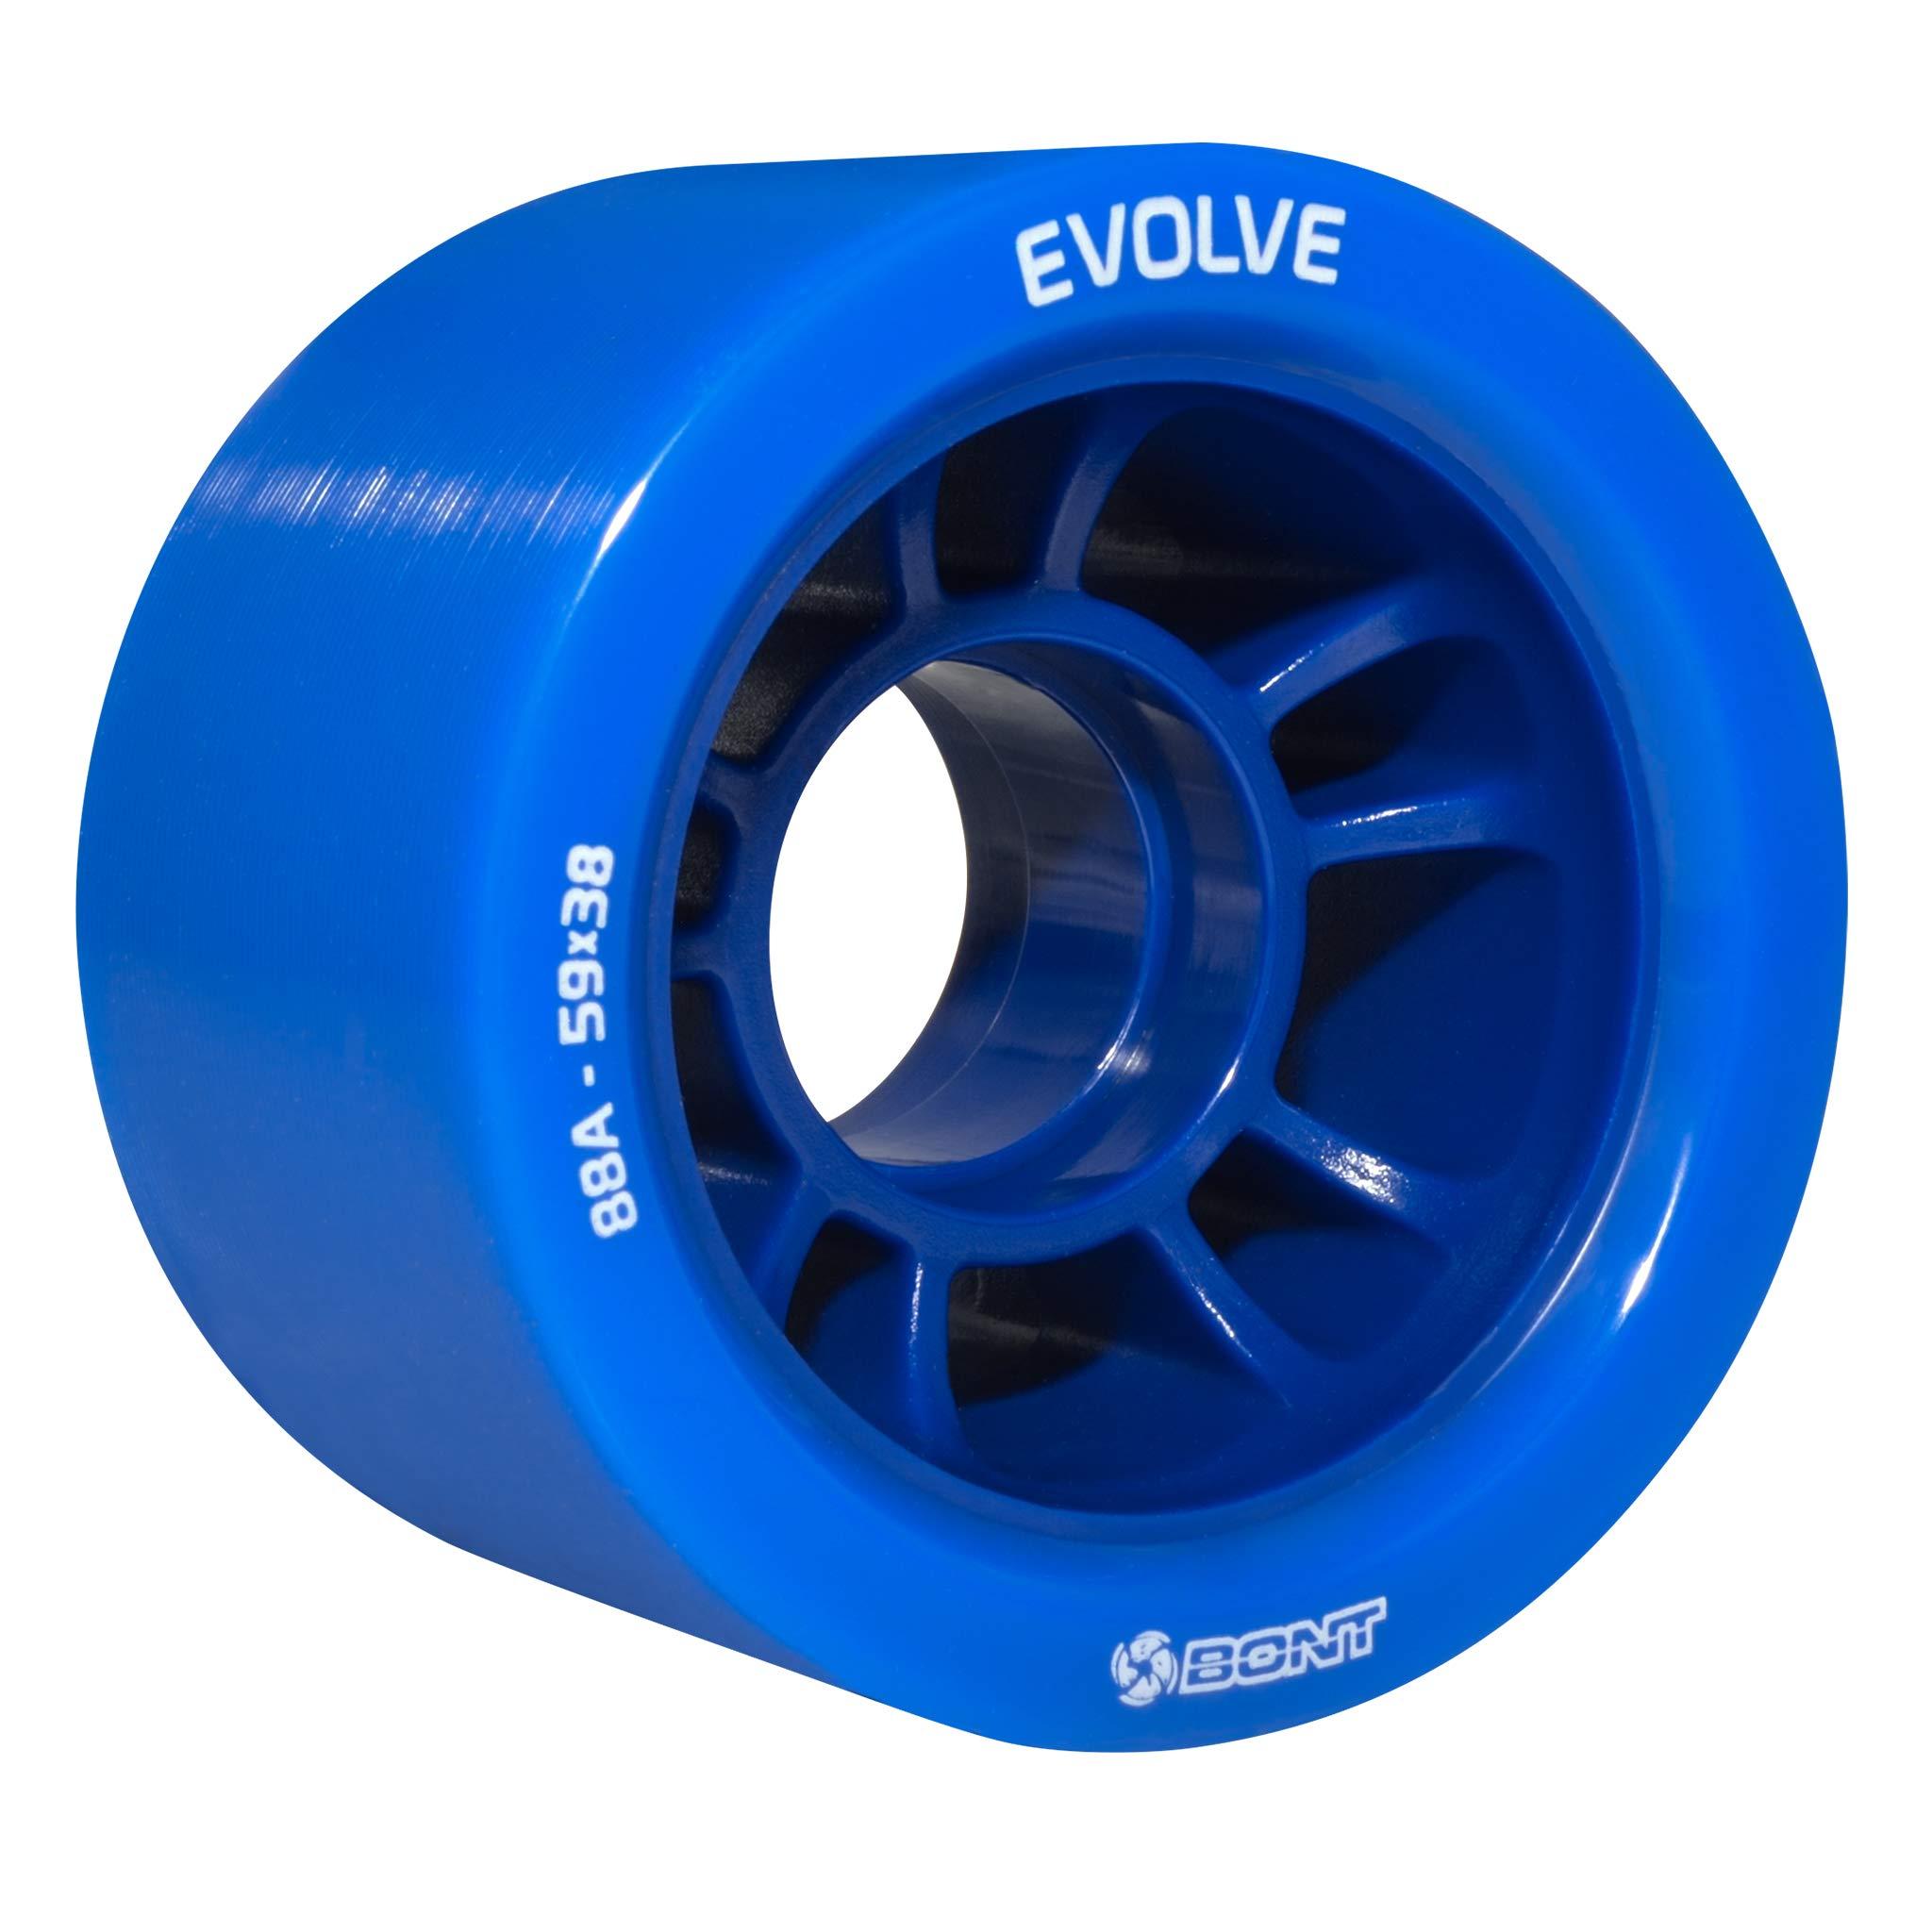 Bont Skates | Evolve Roller Skate Derby Wheel